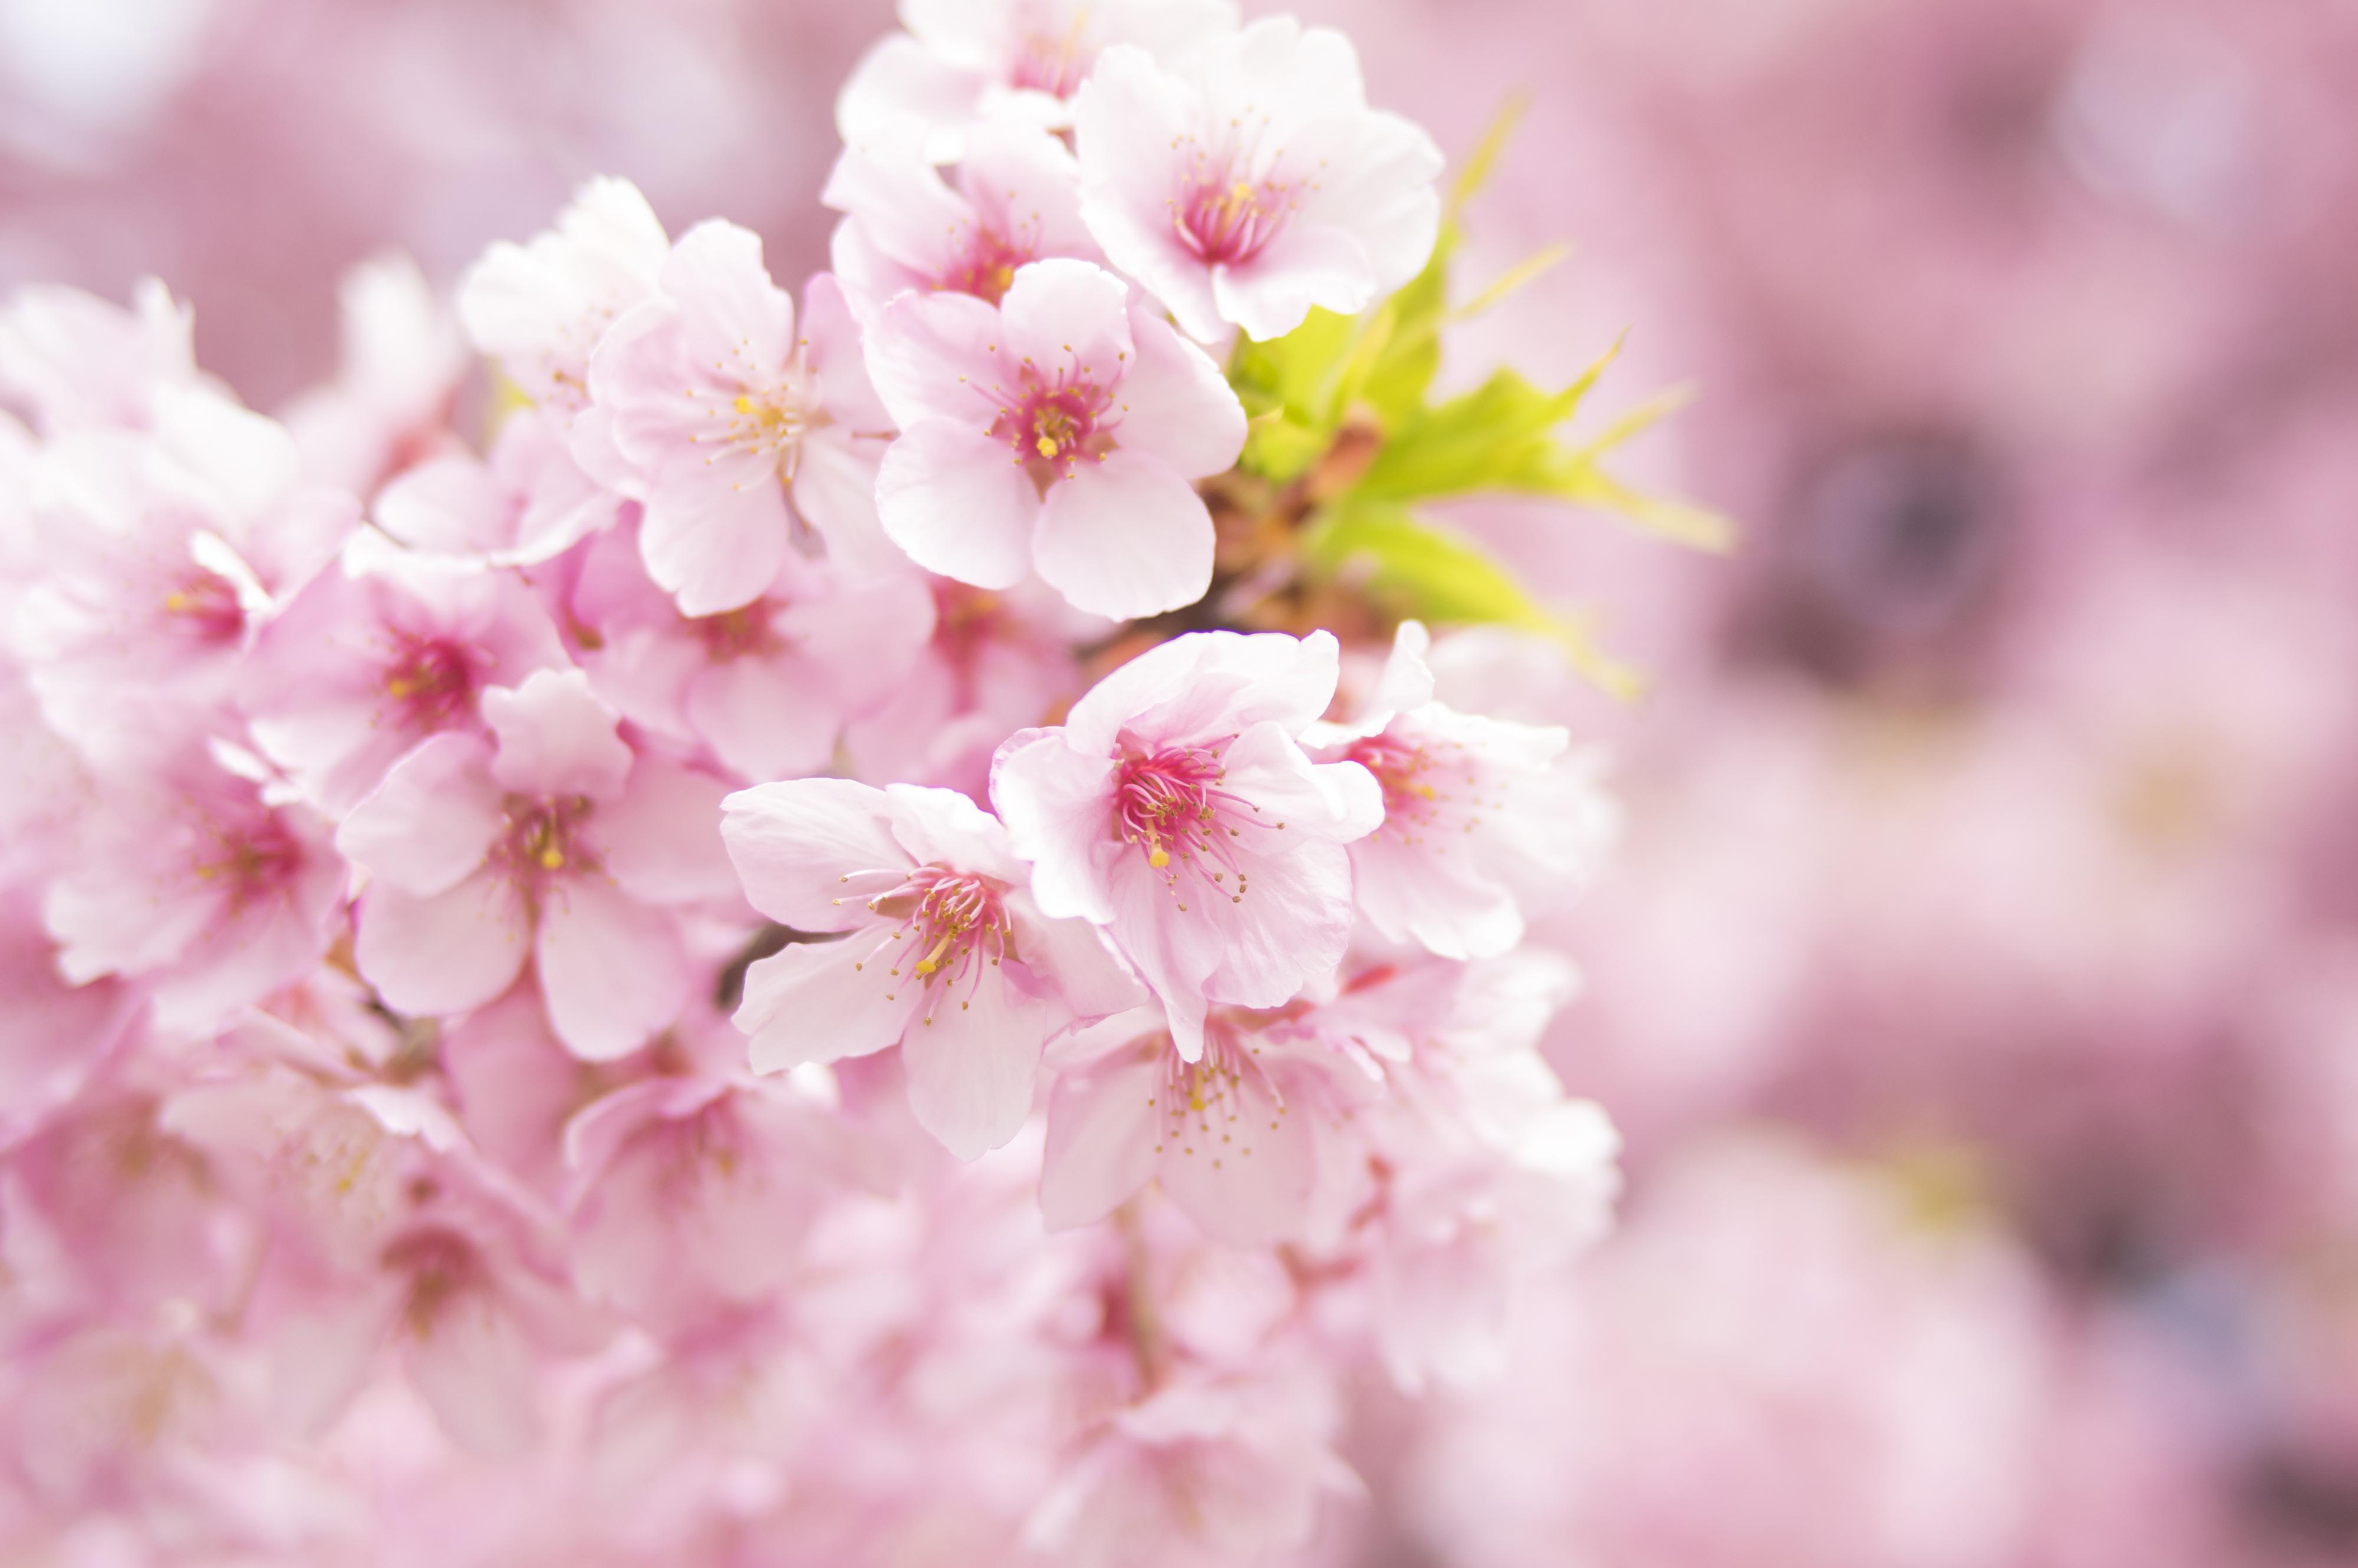 粉色樱花4k高清.jpg